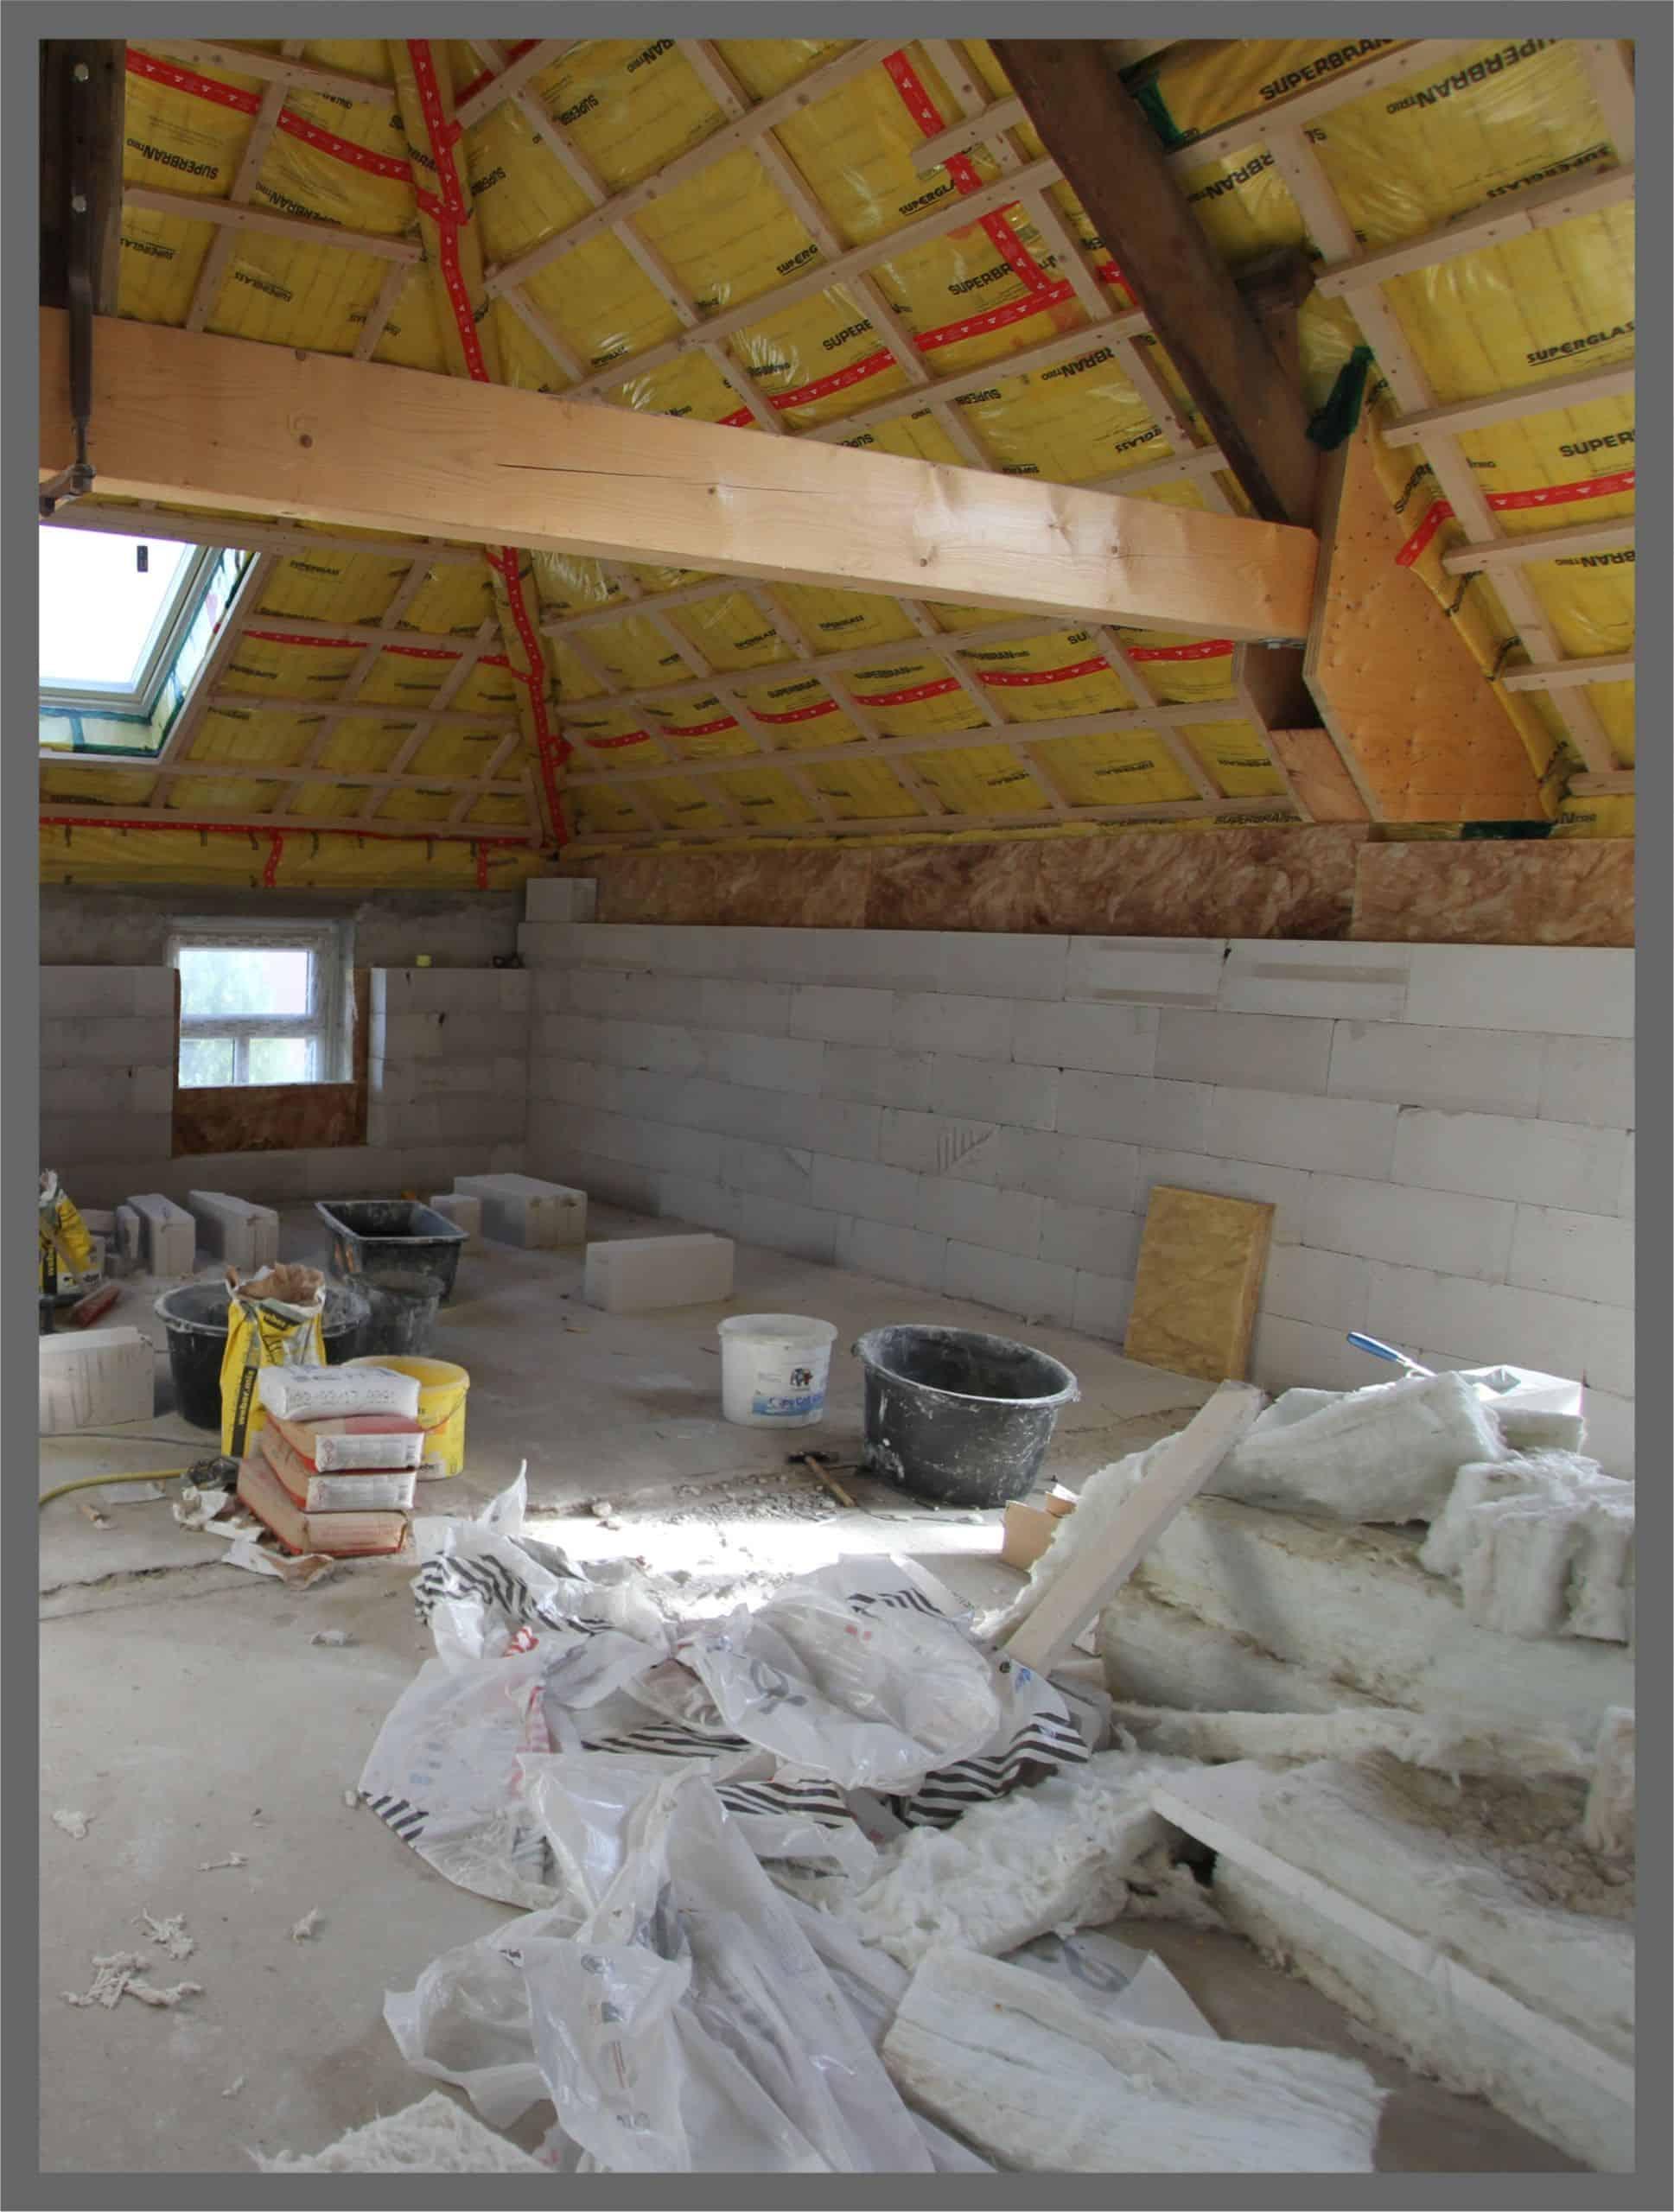 Ein Zimmer während einer Renovierung durch Maler Düsseldorf ausgeführt